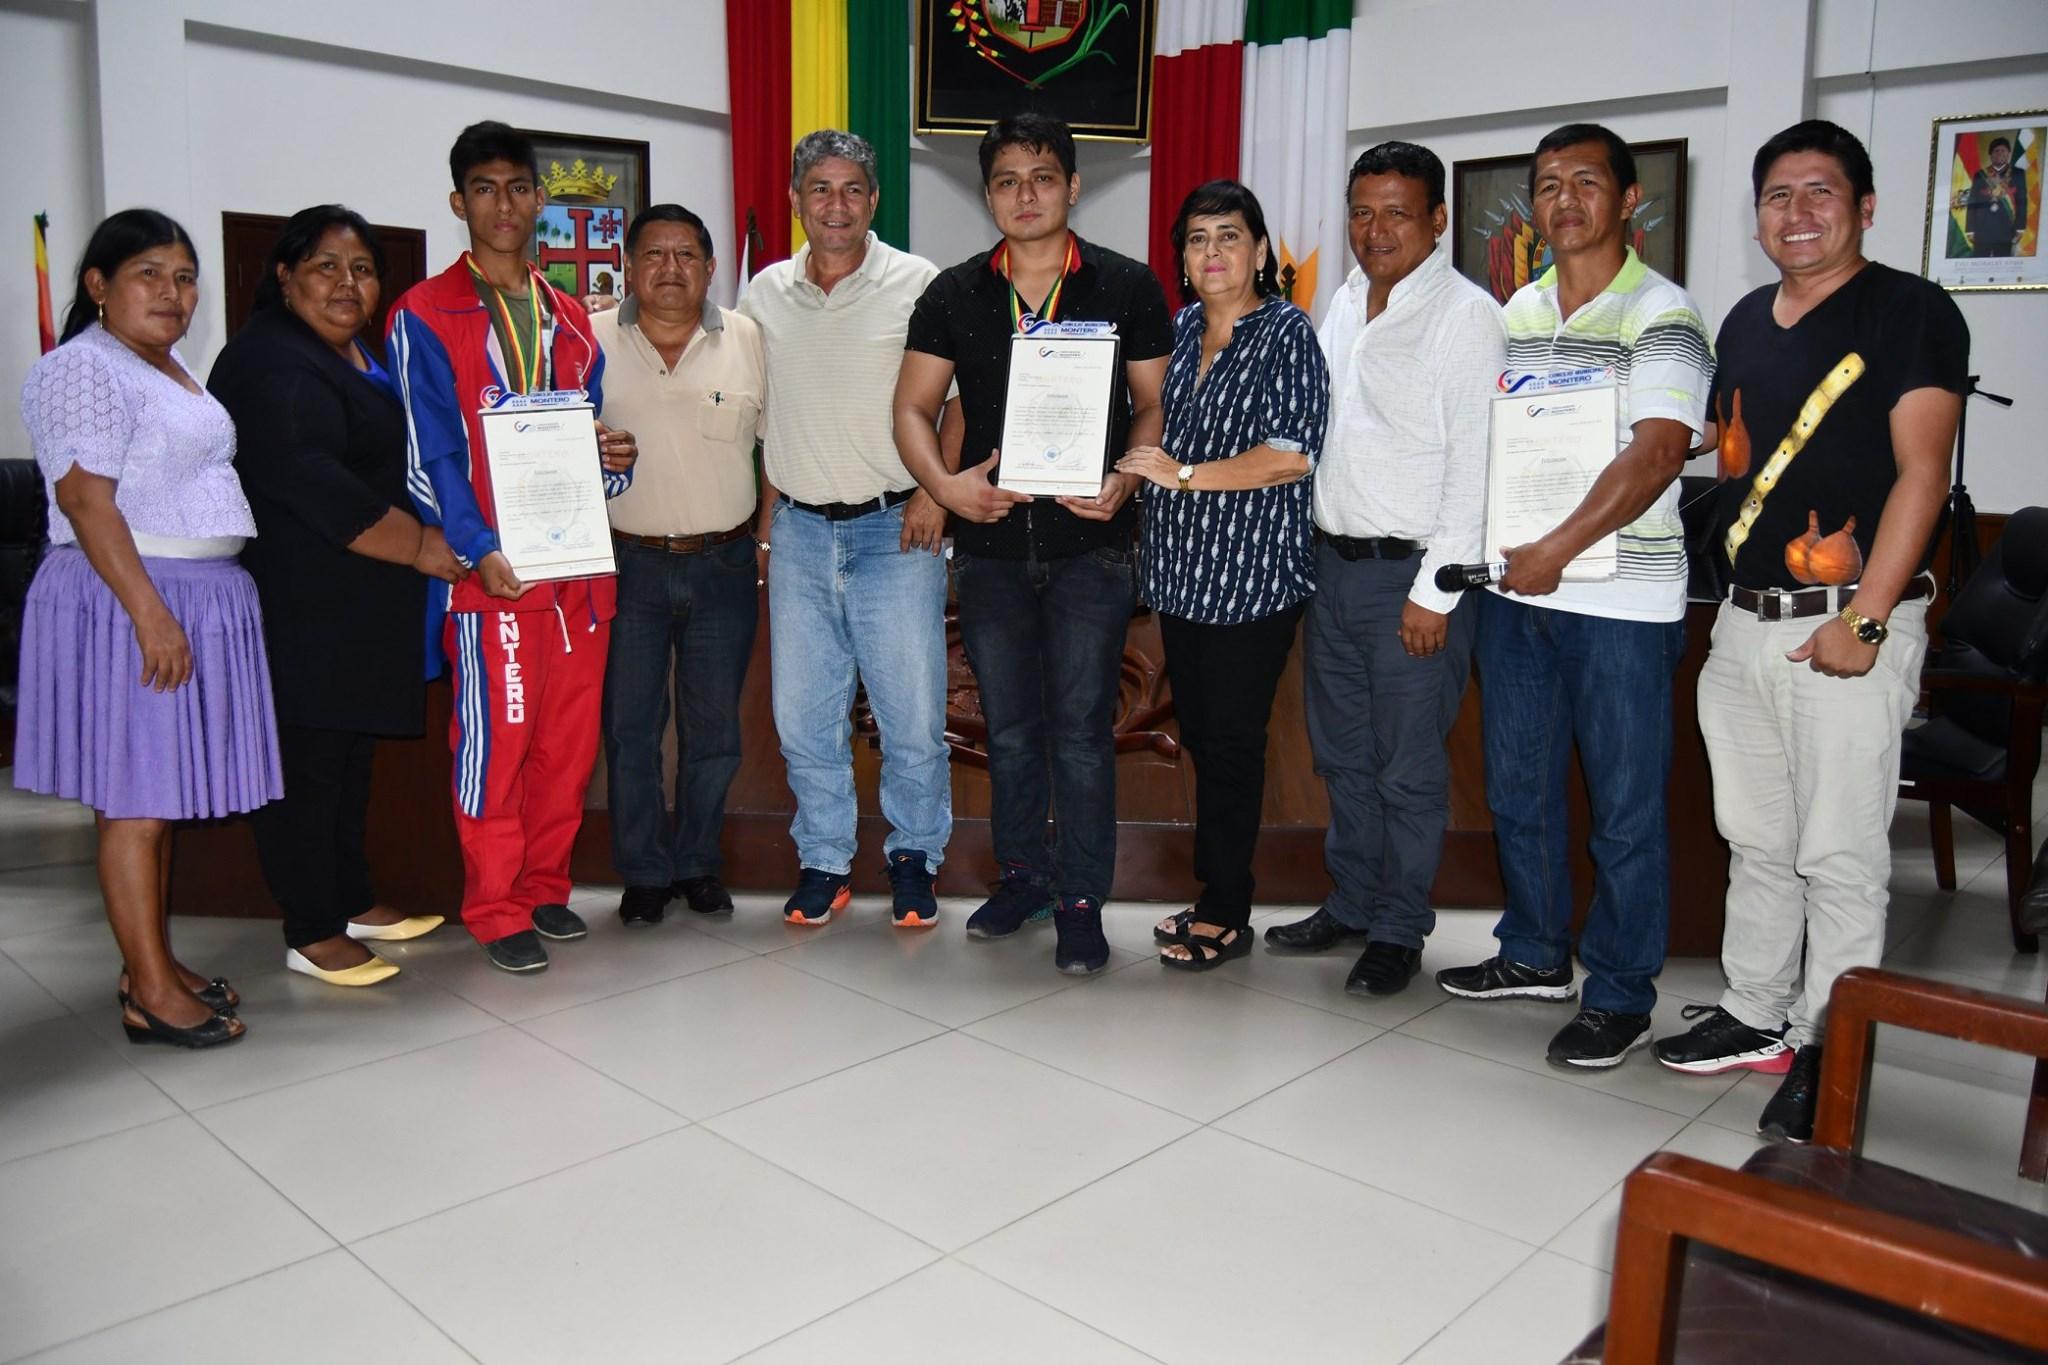 Boxeo Jóvenes montereños boxeadores que representaron a Montero en el campeonato Nacional desarrollado en Tarija son reconocidos por el Concejo.